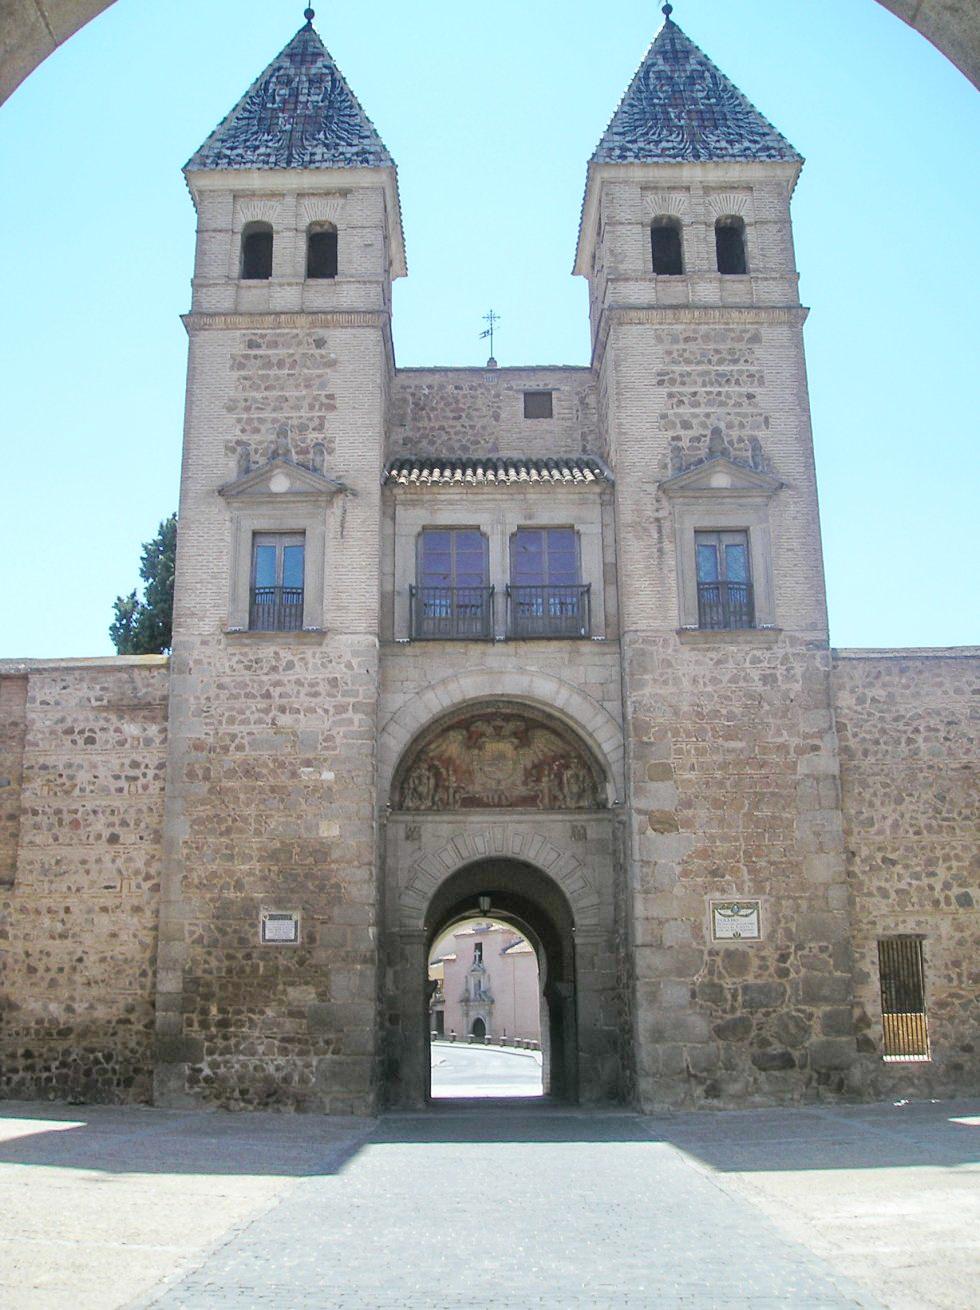 Puerta Nueva De Bisagra 1550 Alonso De Covarrubias